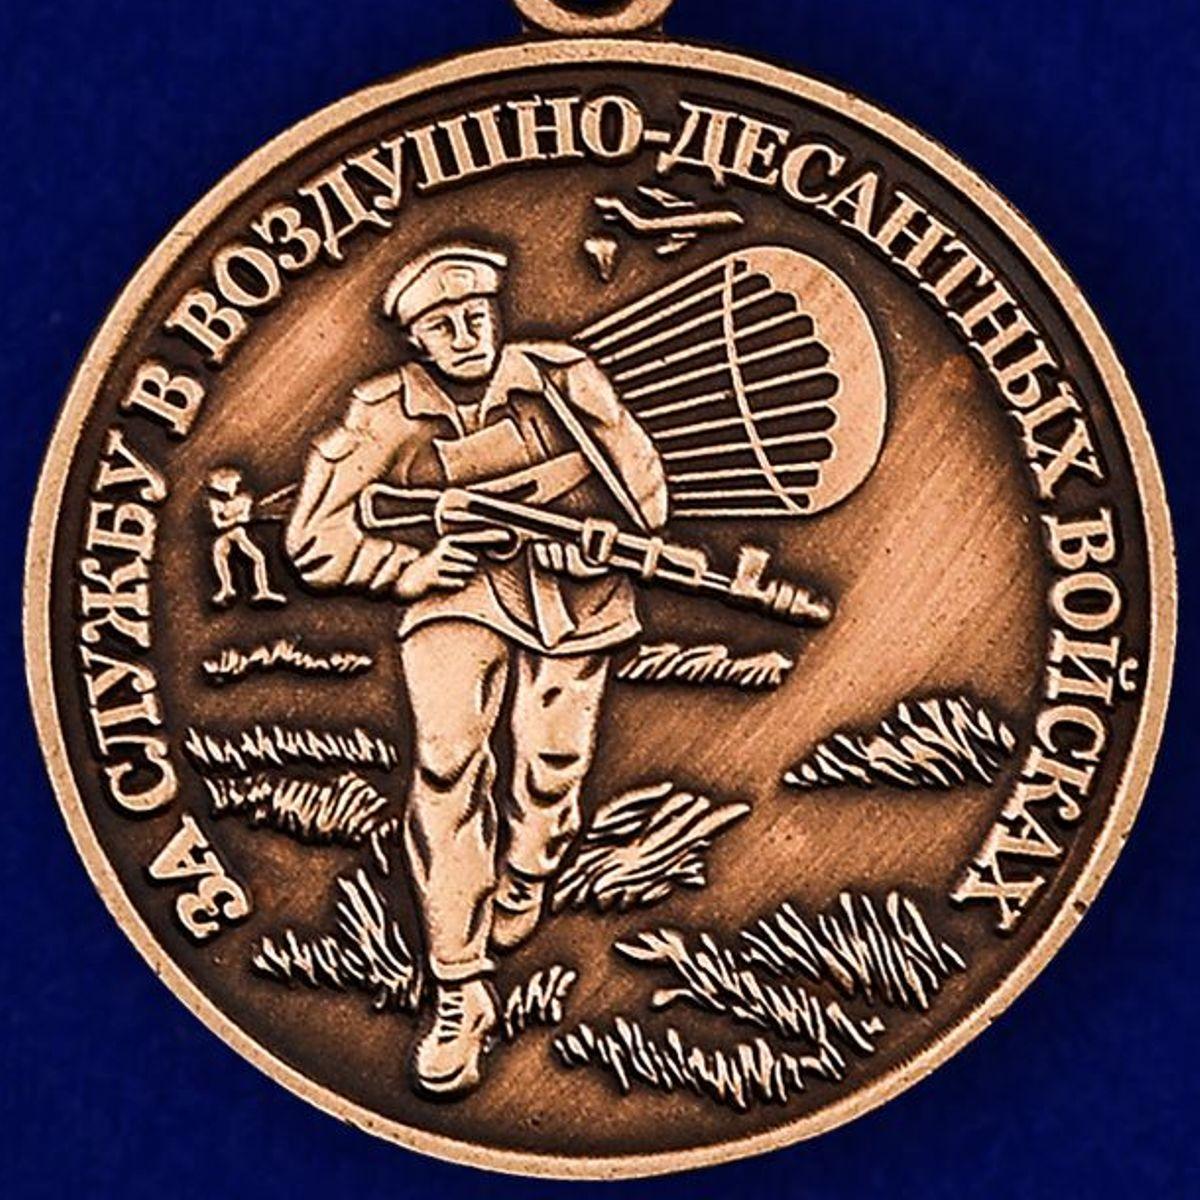 """Купить медаль ВДВ """"за службу в Воздушно-десантных войсках"""" в наградном футляре из флока"""